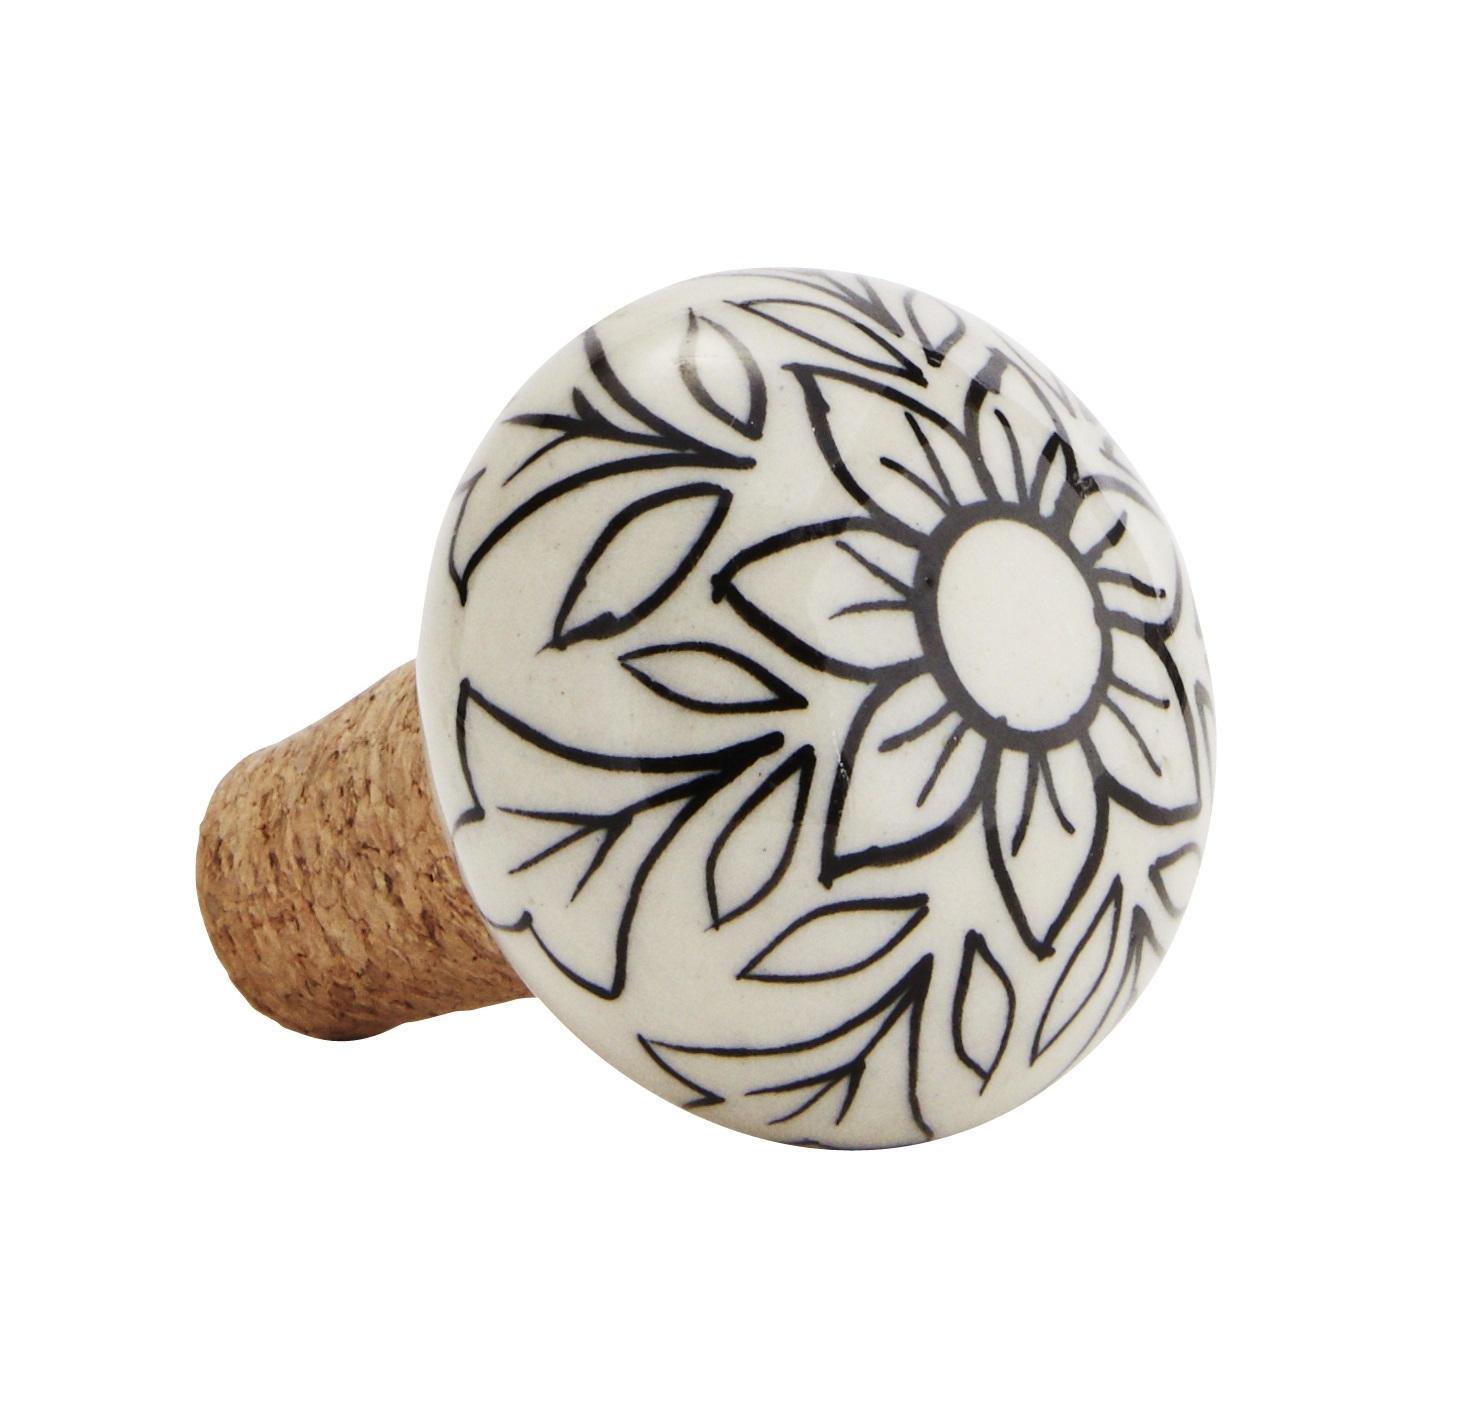 MADAM STOLTZ Keramická zátka na lahev White/black, černá barva, bílá barva, keramika, korek